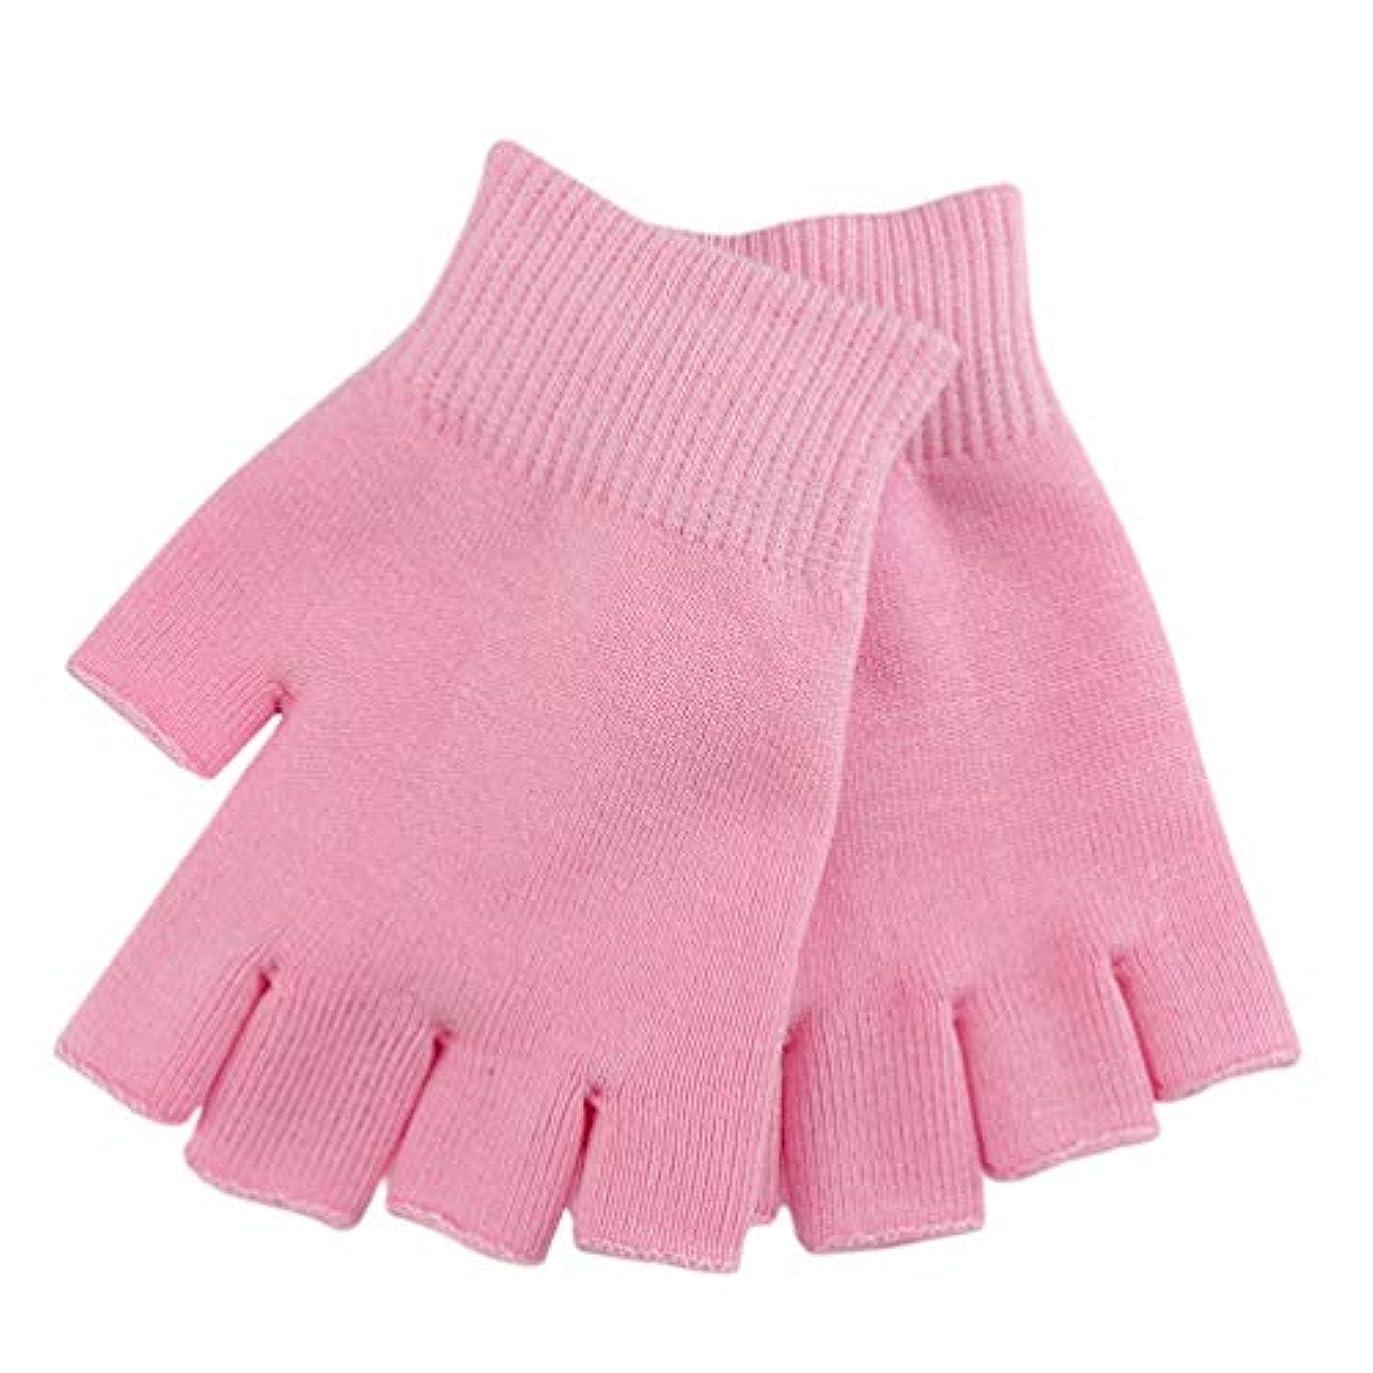 分布協会エイリアスHealifty 保湿スパ手袋治癒のための半分の指のタッチスクリーン手袋綿ゲルライン精油水分指なしミトンに乾燥肌ひび割れ手(ピンク)